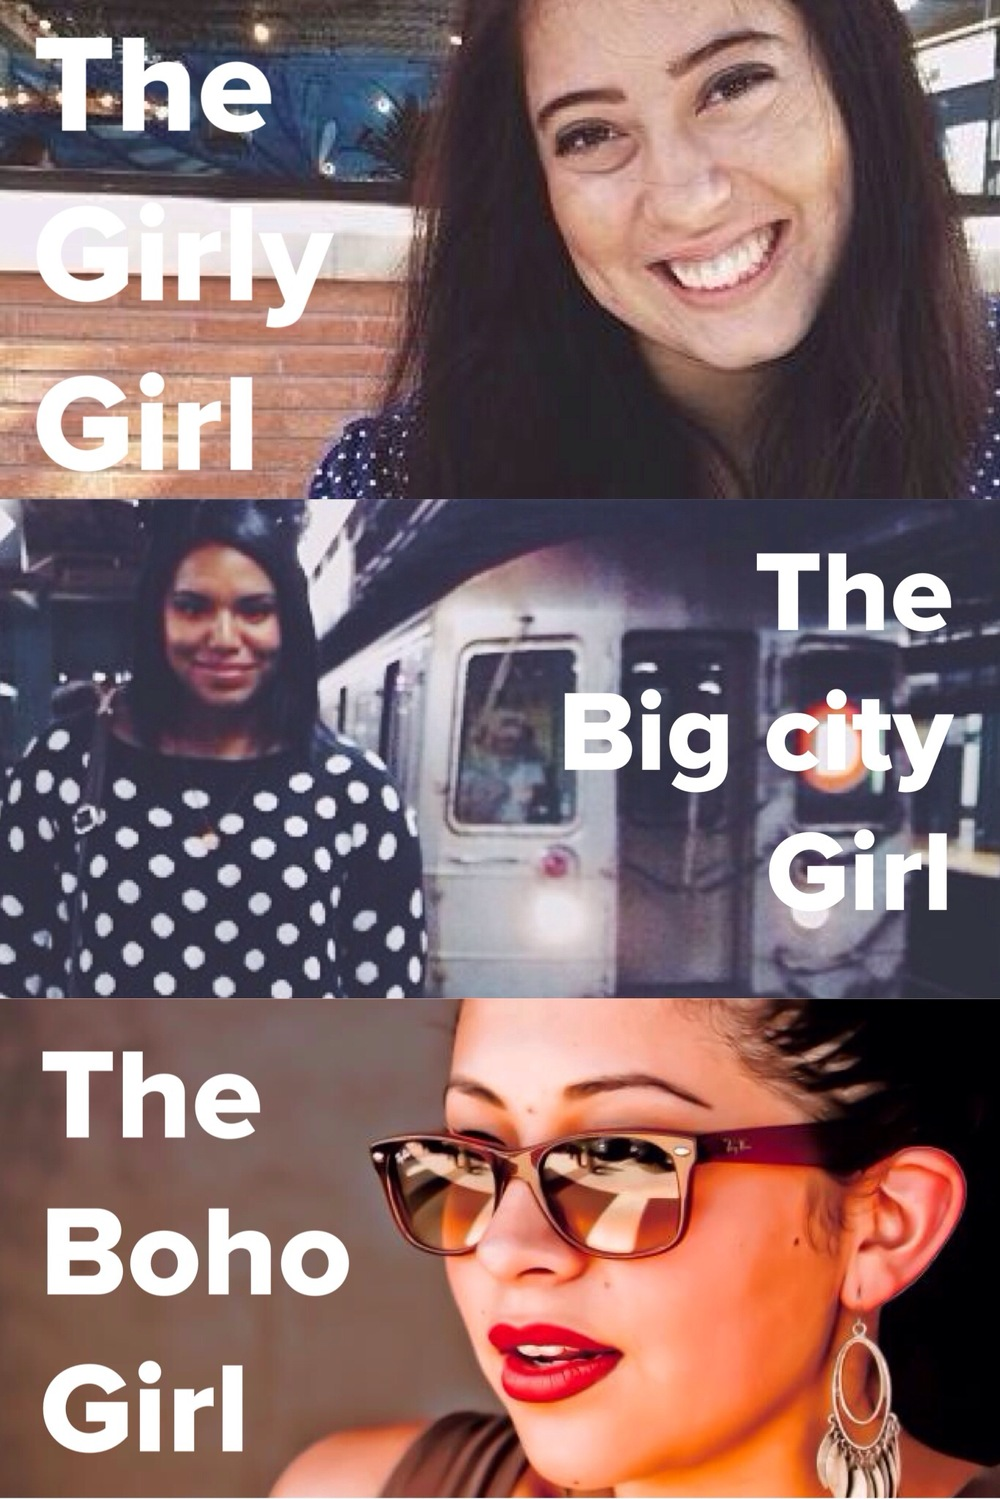 girlstitled.jpg